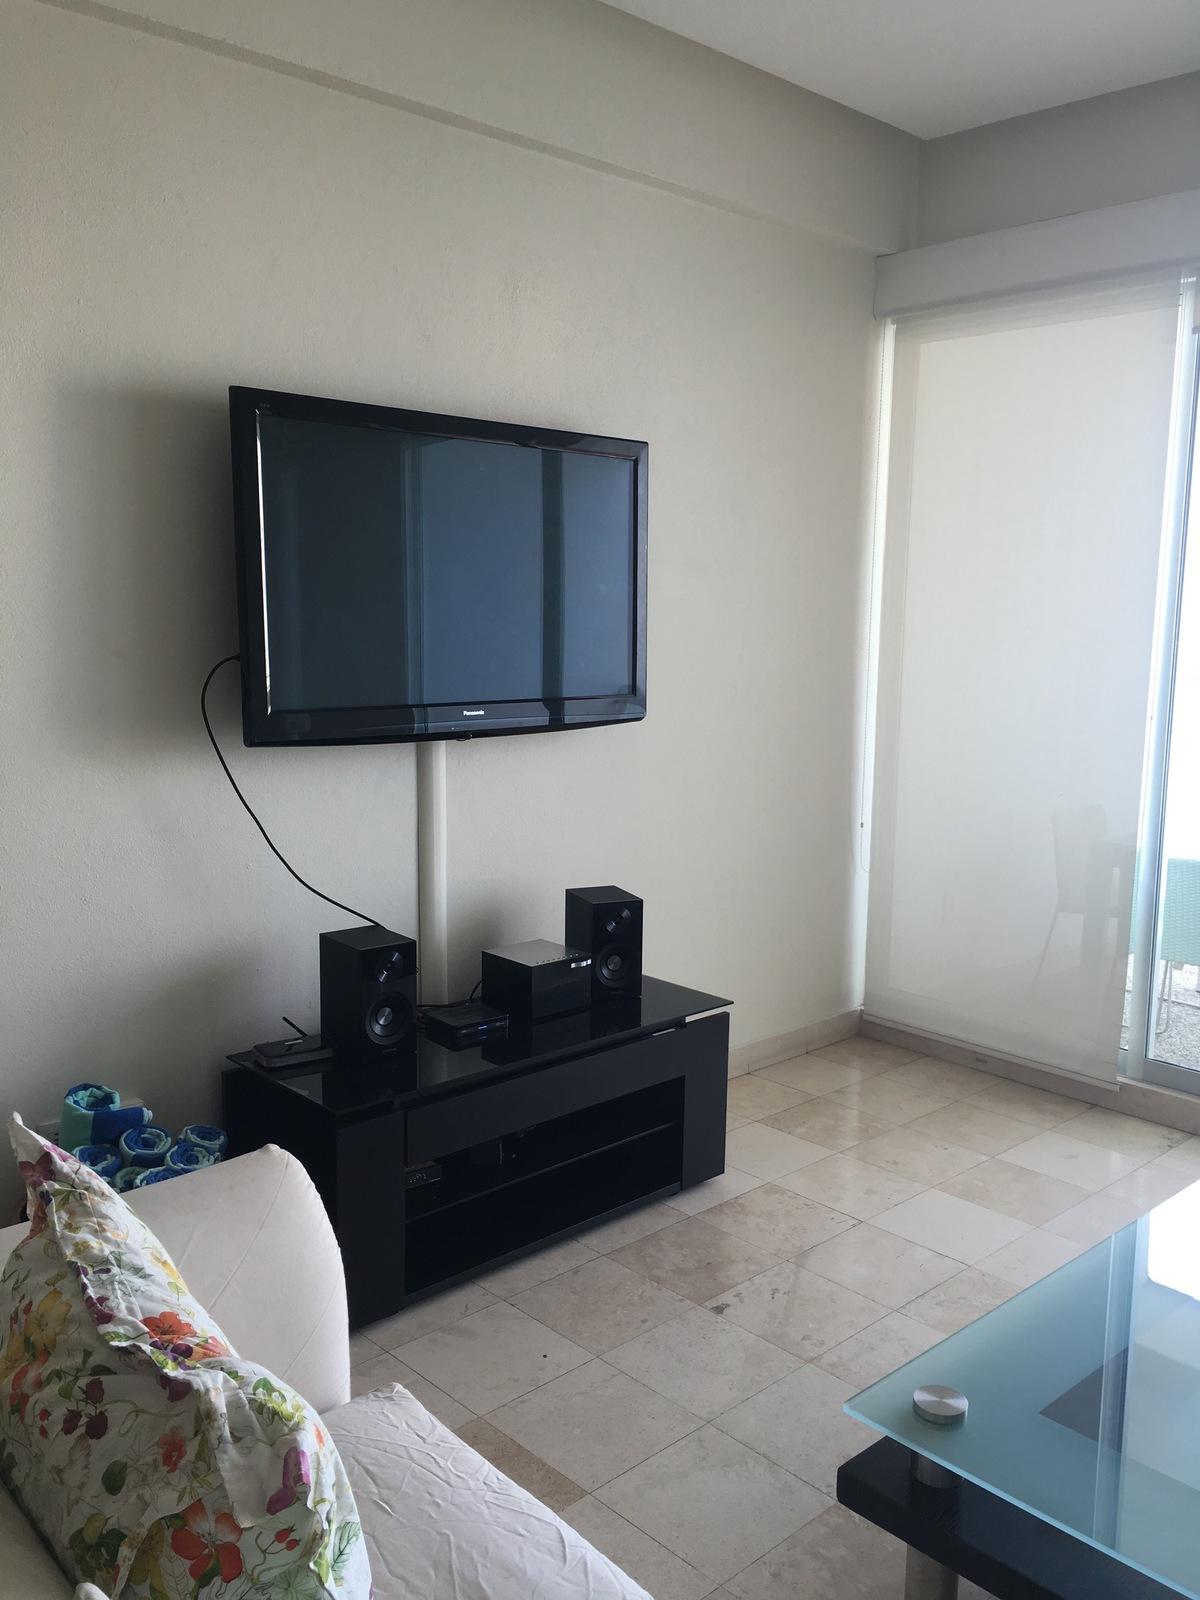 24 de 26: TV en estancia con servicio de cable